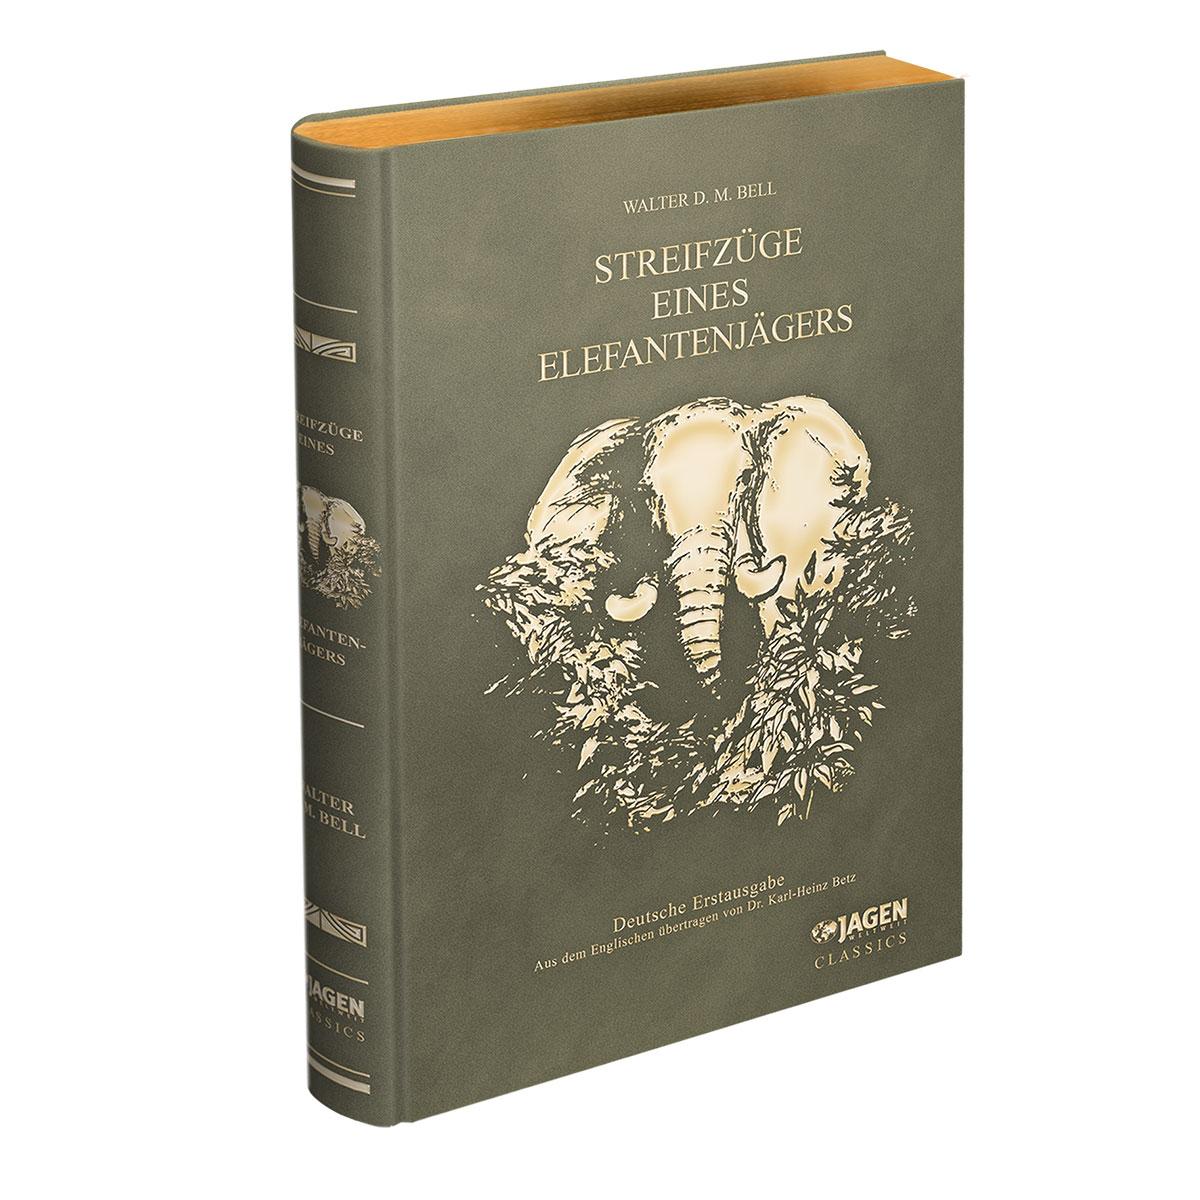 JAGEN WELTWEIT Classics Band 9: Streifzüge eines Elefantenjägers im Pareyshop